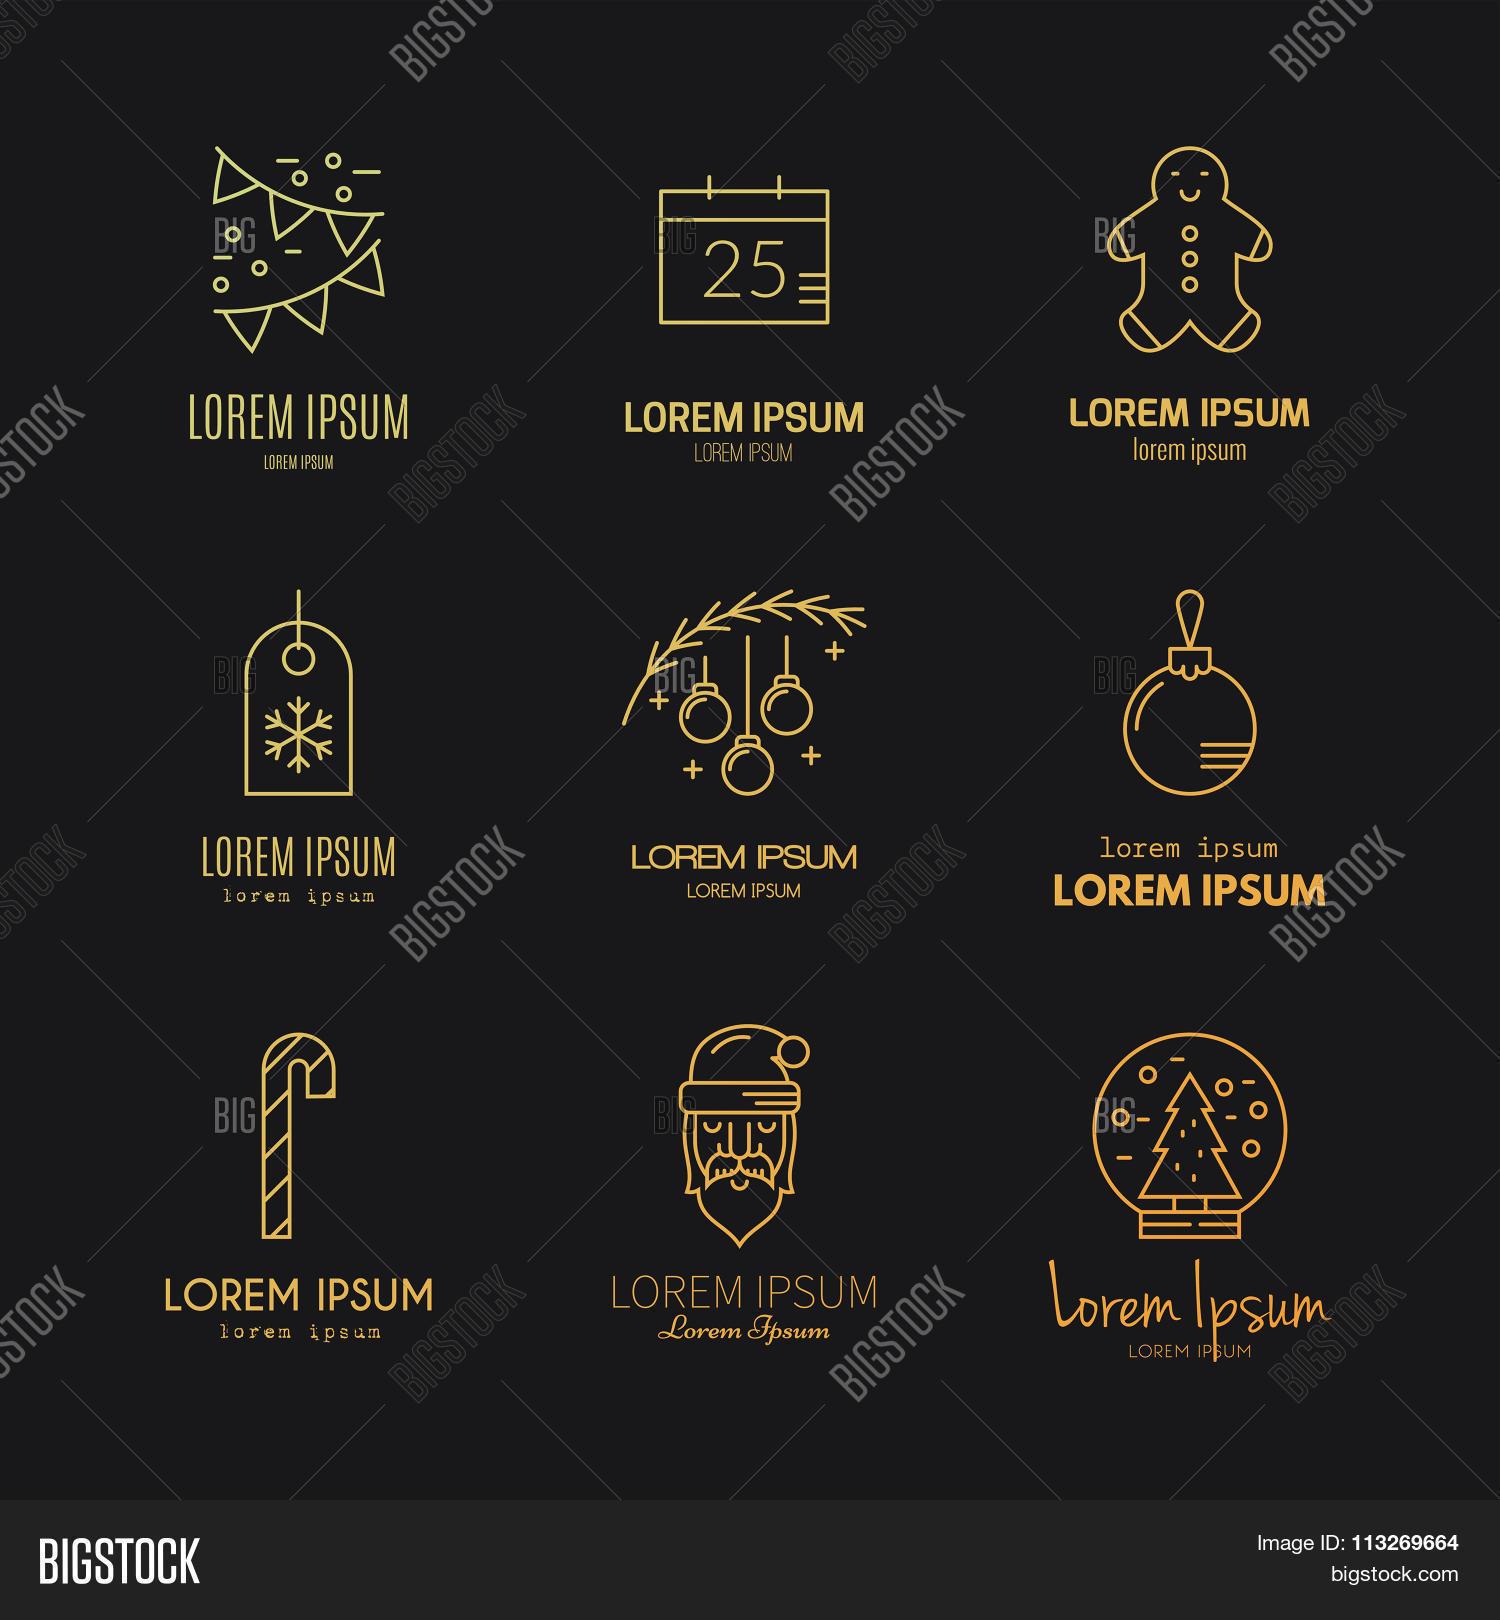 christmas logos - Christmas Logos